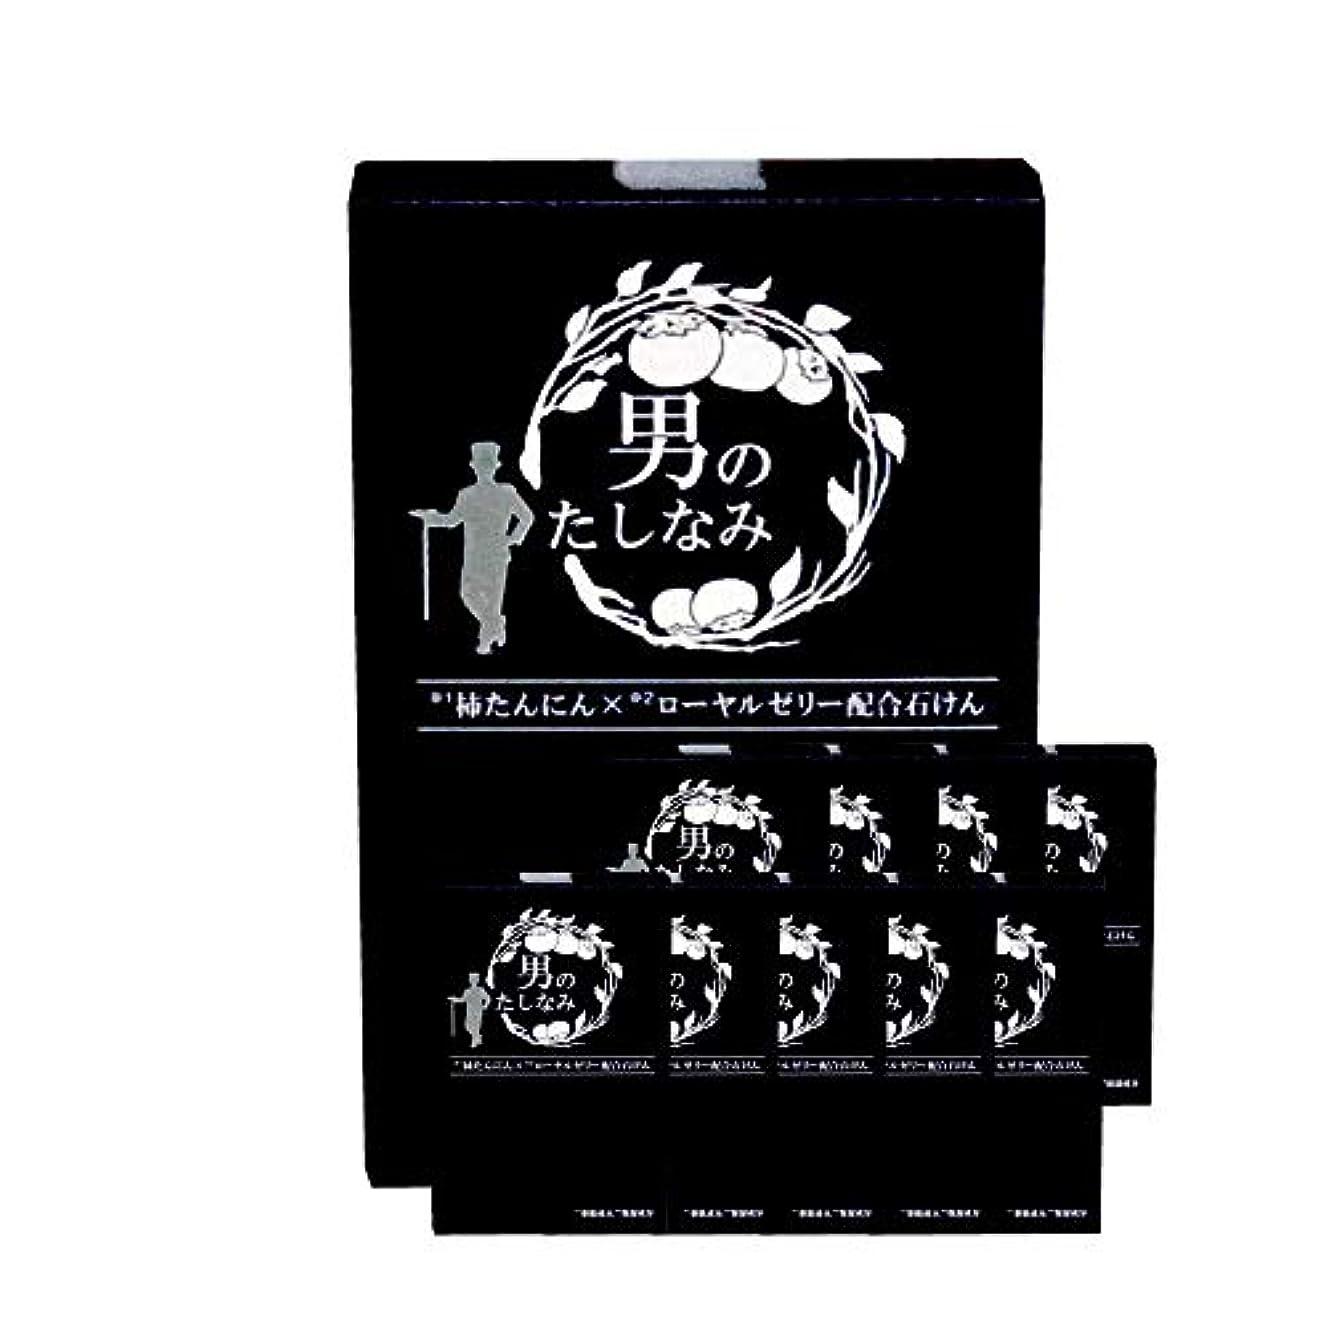 財政吸い込む気性柿渋石鹸 男のたしなみ 100g (10個セット)